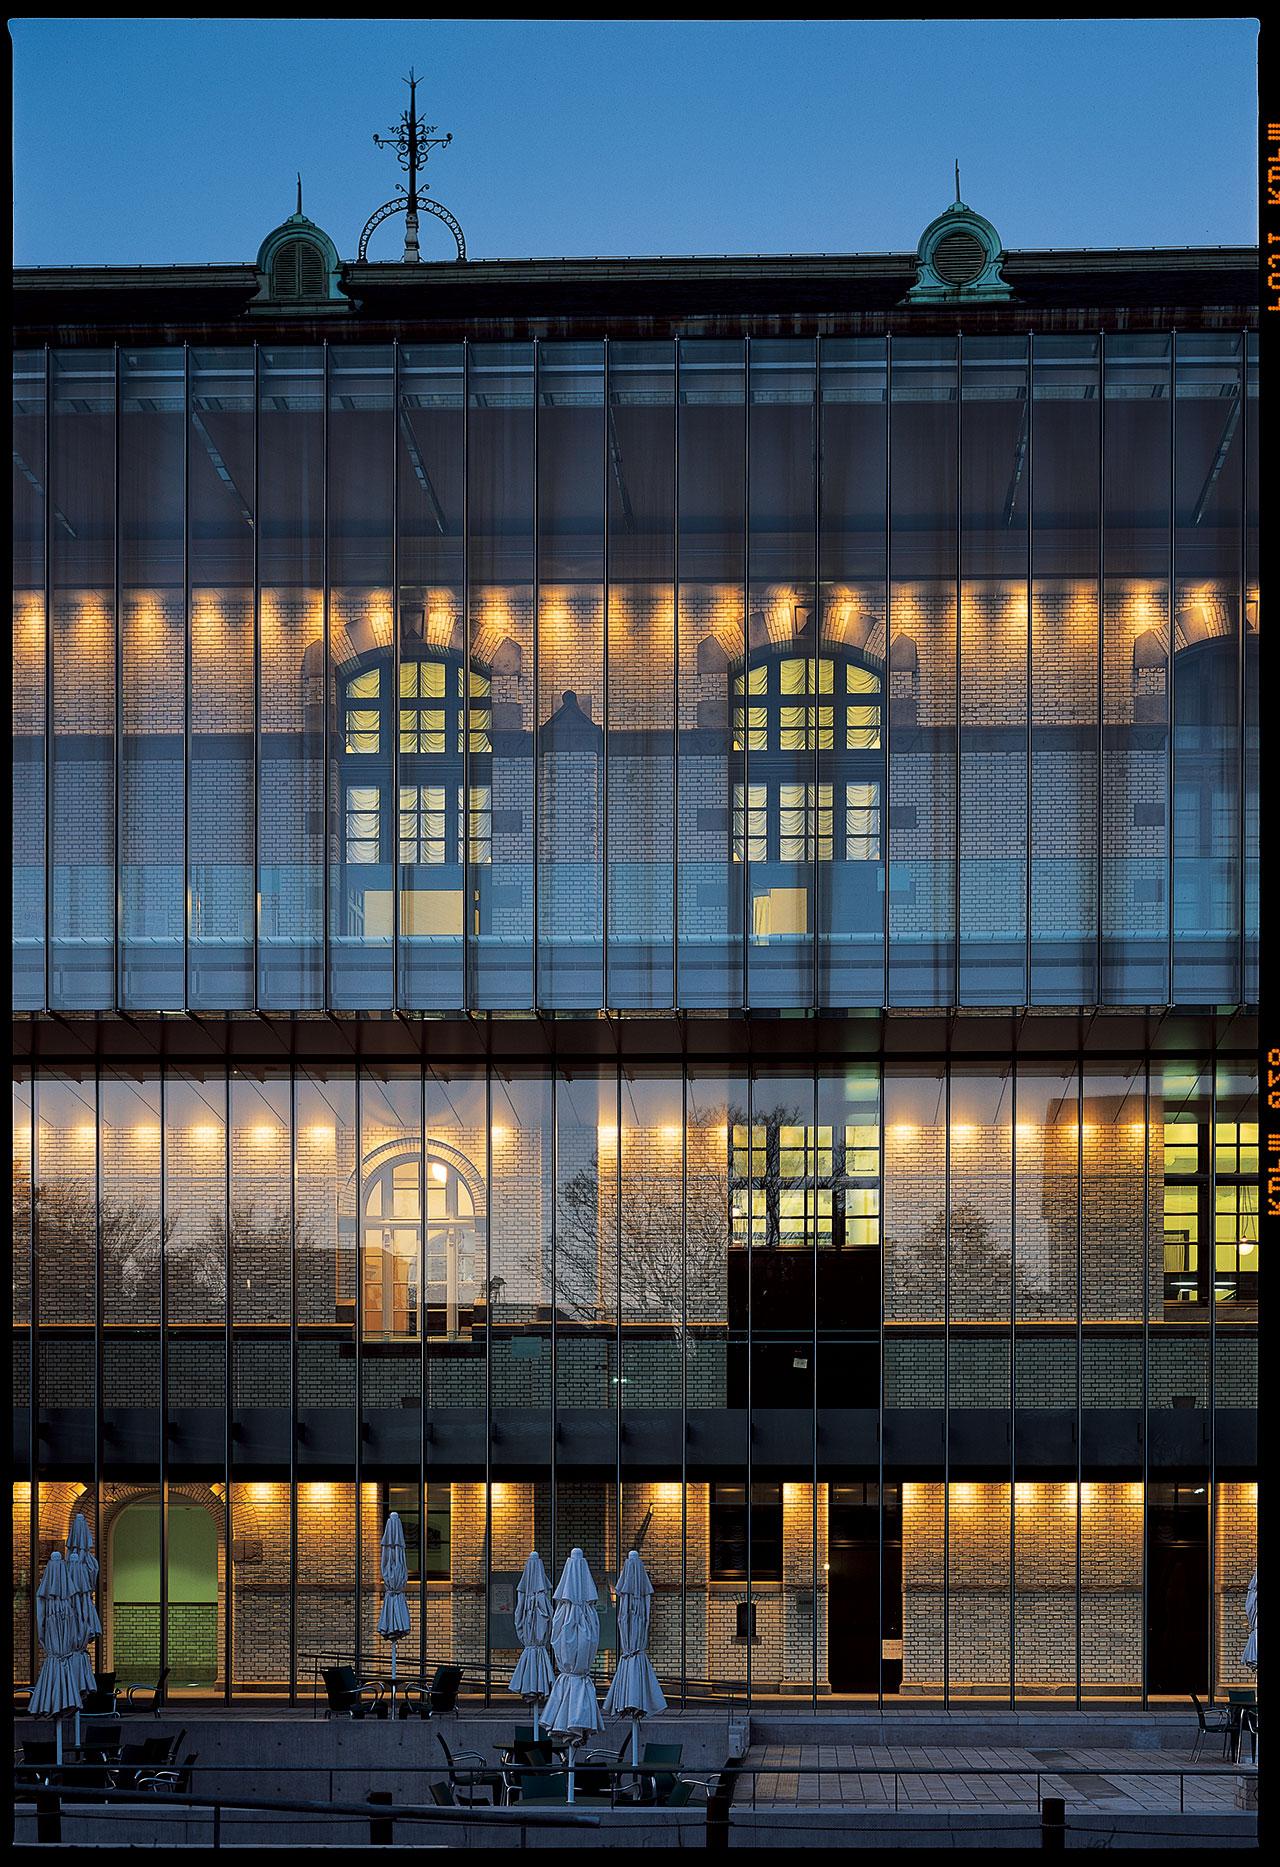 国立国際子ども図書館 (2002) 東京都台東区 撮影: 松岡満男「旧帝国図書館の内外装の意匠と構造を生かしつつ、2つのガラスボックスが既存の建物を貫くイメージで増築」/ International Library of Children's Literature (2002) Taito-ku, Tokyo Photo: Mitsuo Matsuoka 'International Library of Children's Literature utilizes the former Imperial Library's structural design with the addition of two glass boxes piercing through the existing building'